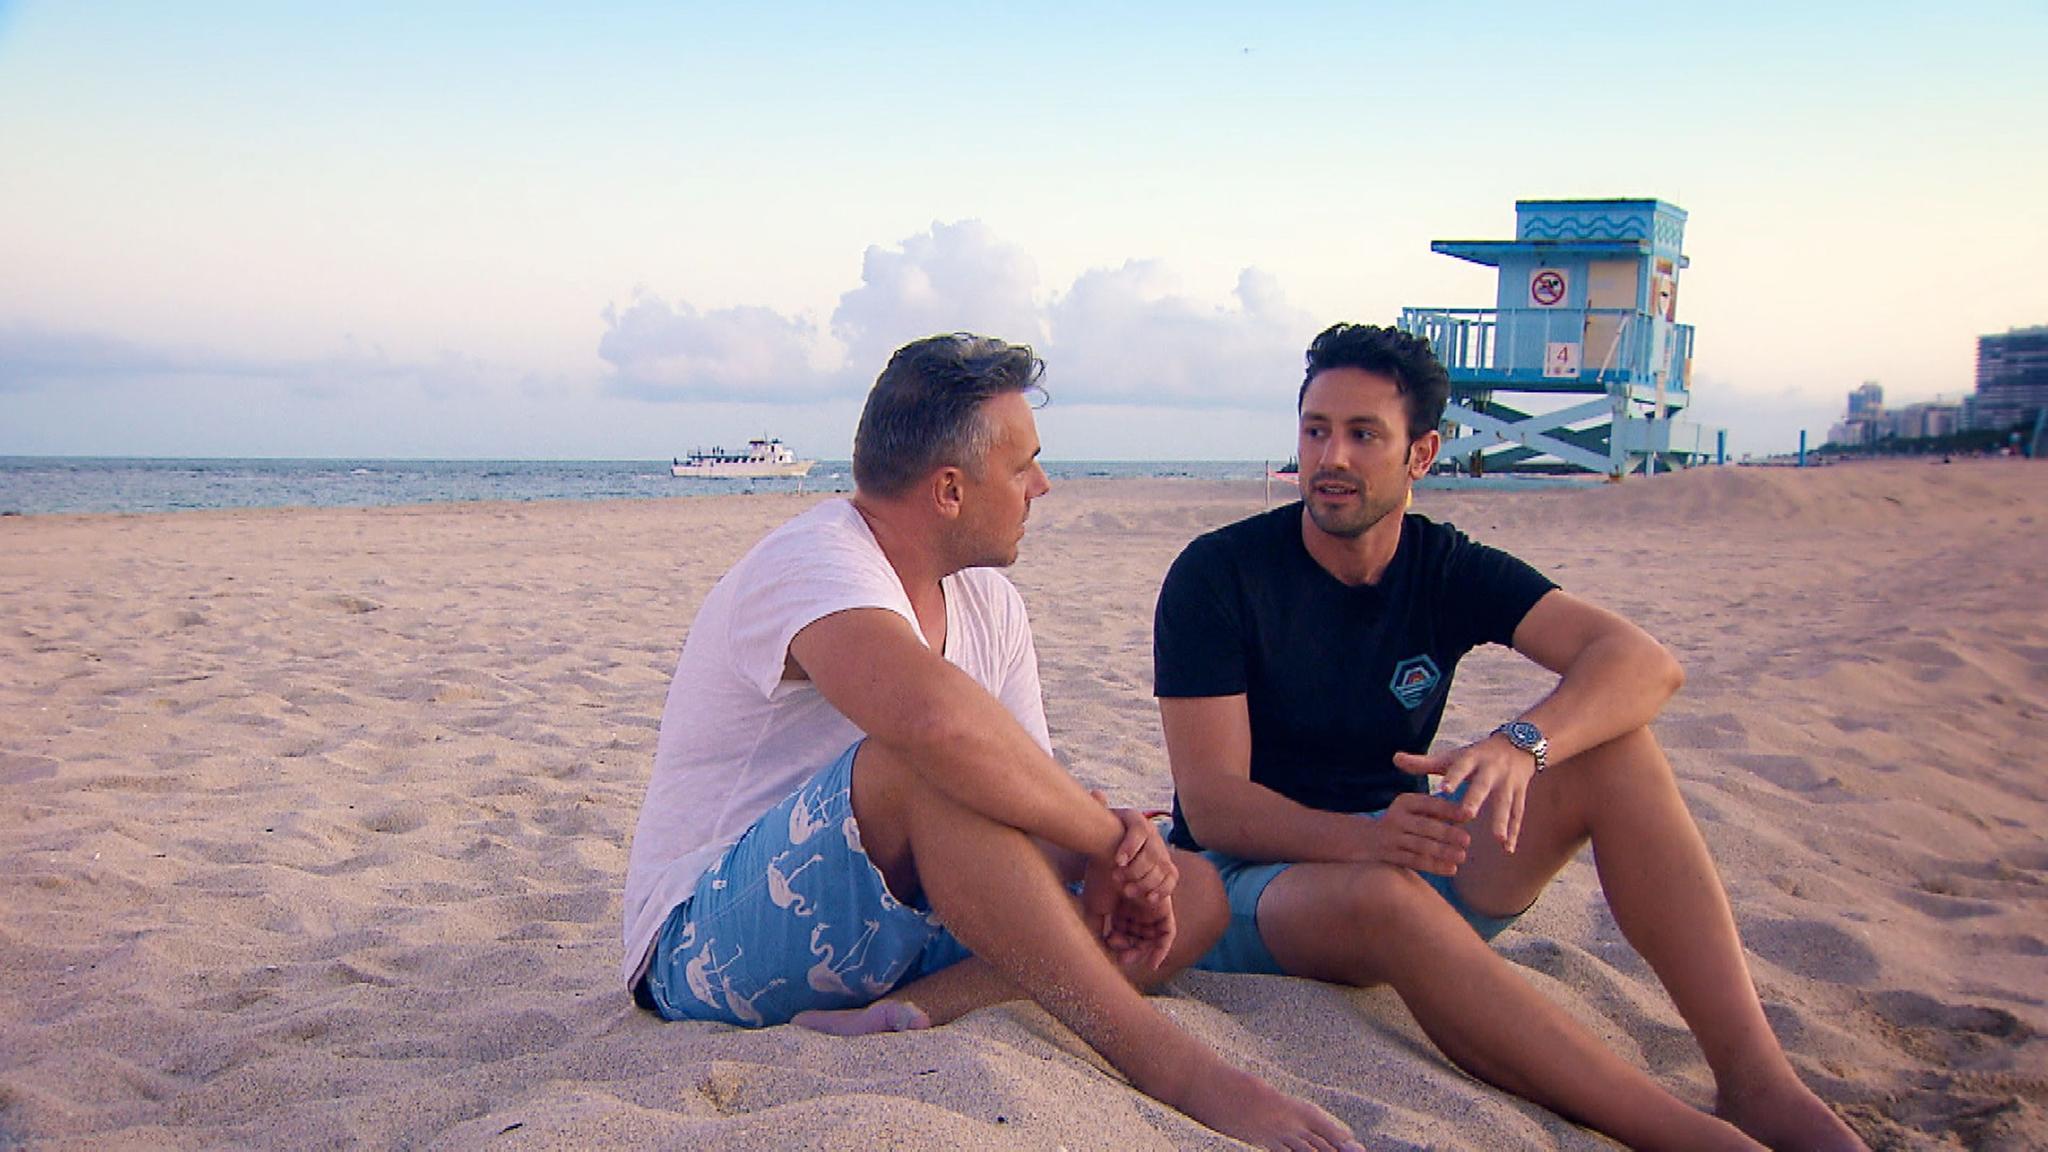 Bei der Wahl seiner Herzdame bekommt Daniel (r.) moralische Unterstützung von seinem besten Freund Dennis (l.).